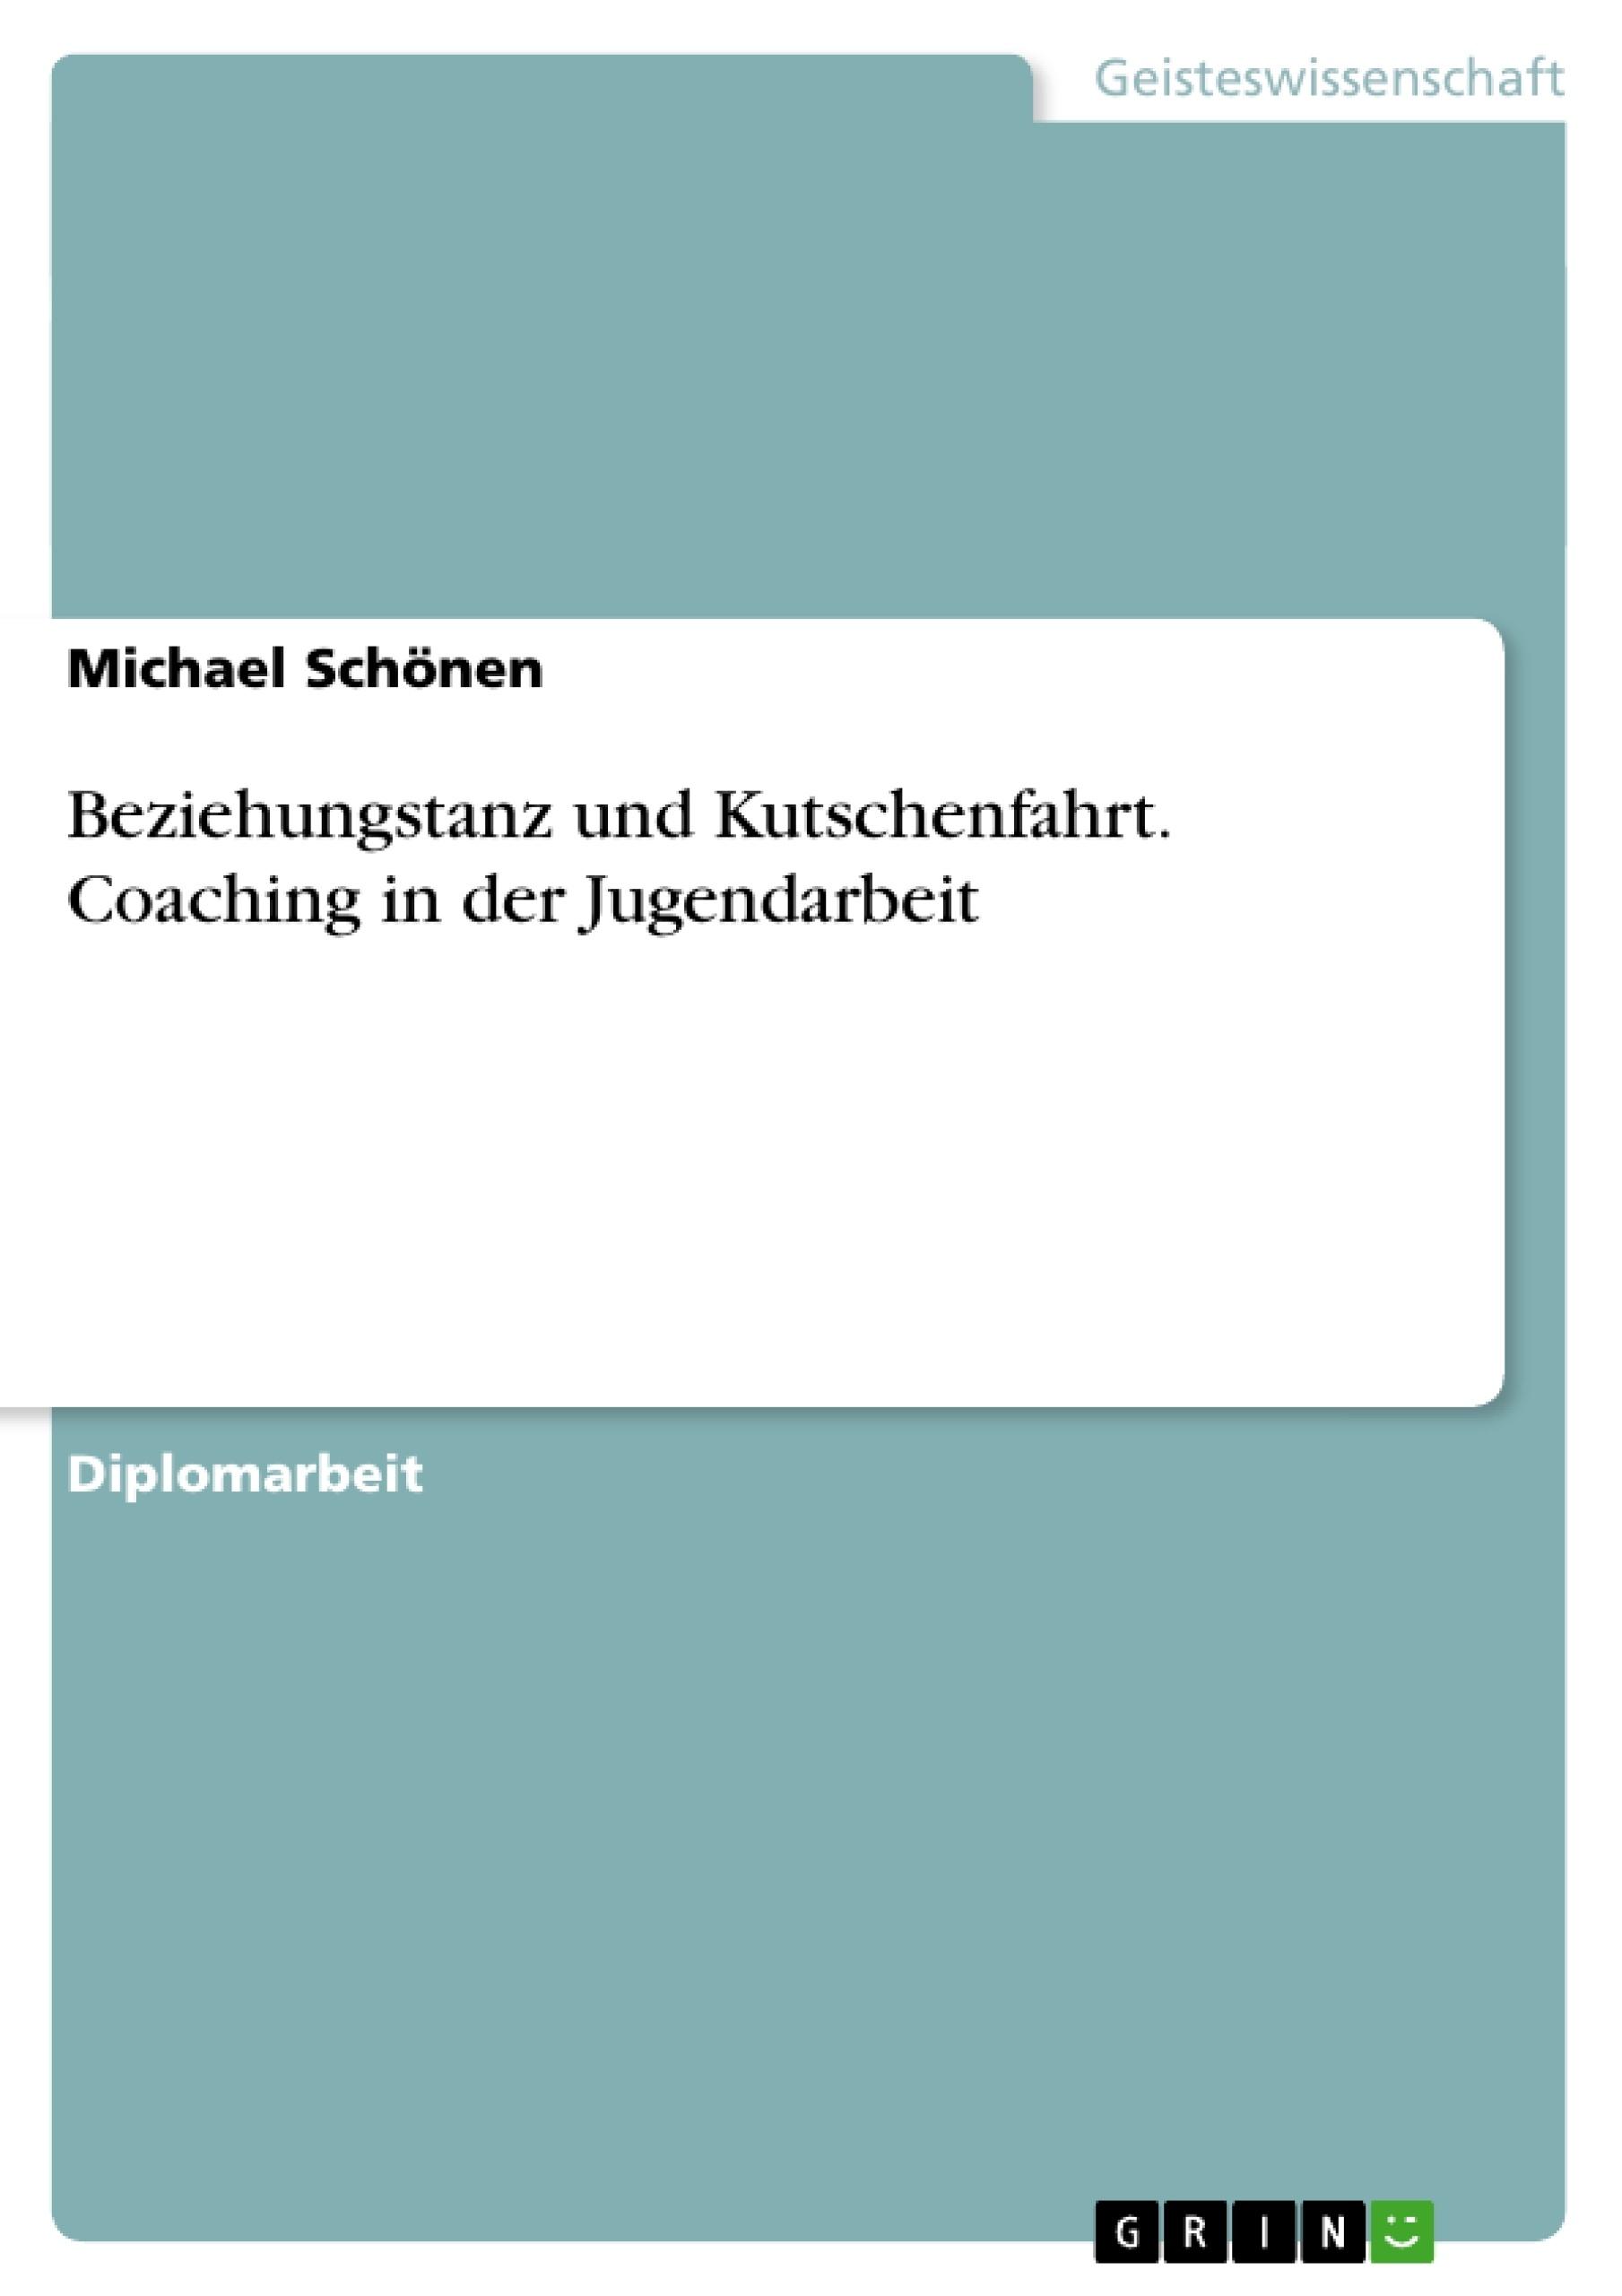 Titel: Beziehungstanz und Kutschenfahrt. Coaching in der Jugendarbeit